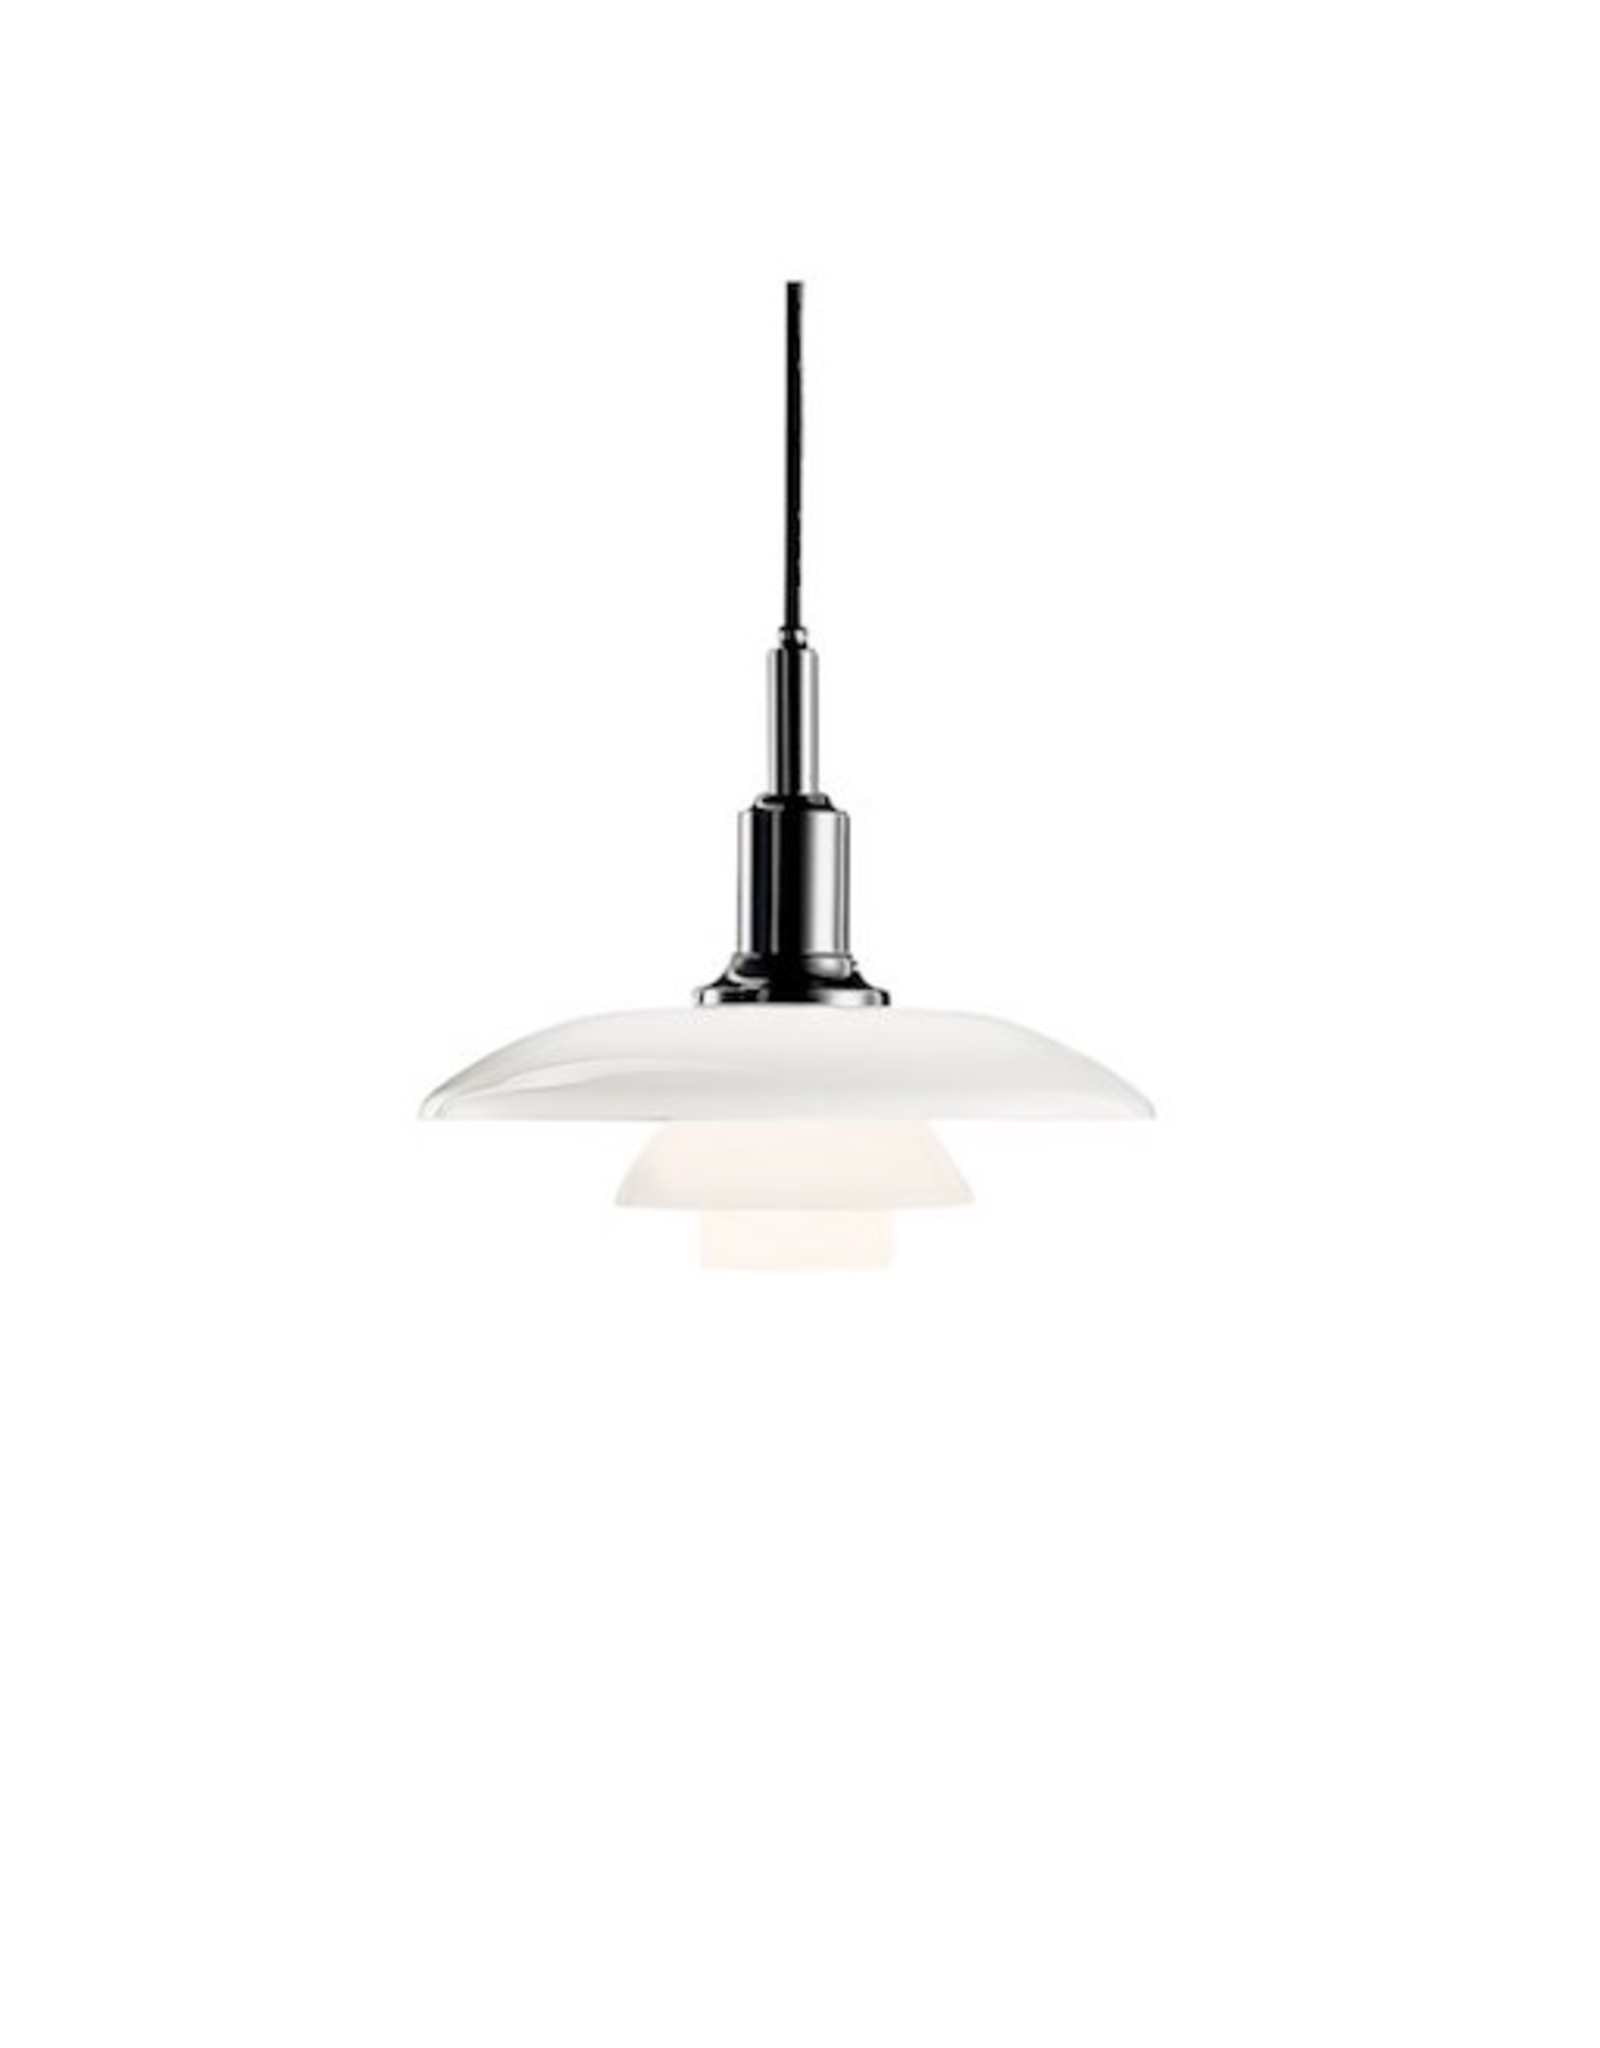 LOUIS POULSEN PH 3/2 PENDANT LAMP IN WHITE OPAL GLASS